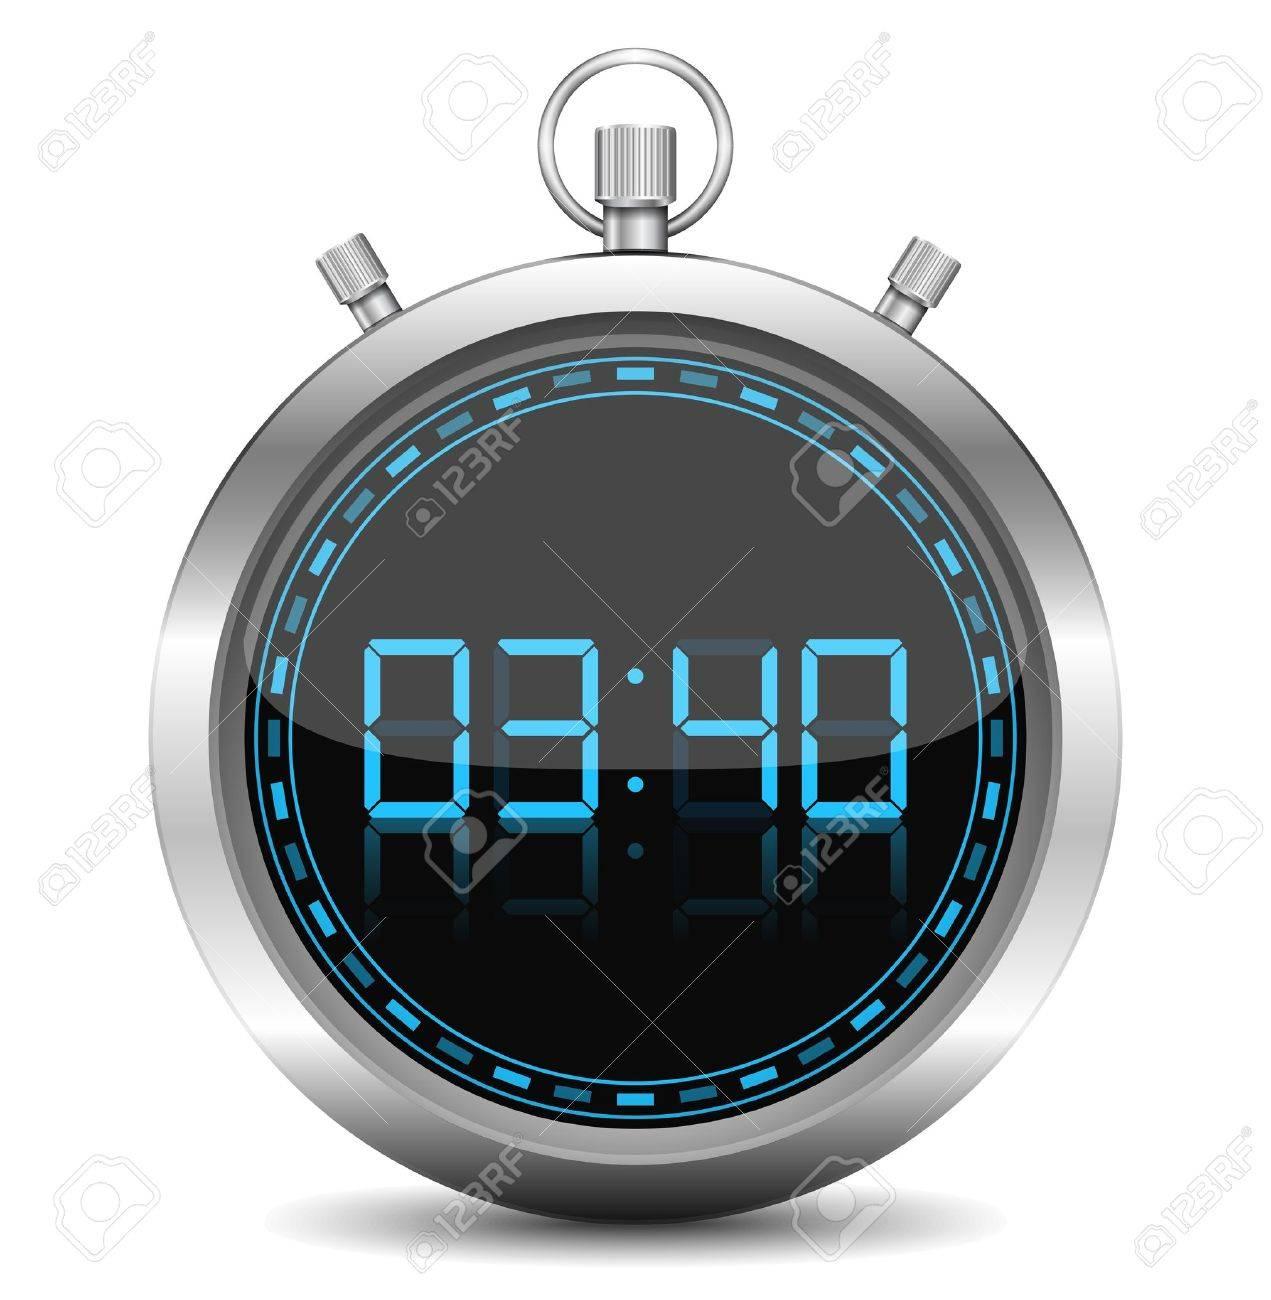 Stopwatch Stock Vector - 14557259